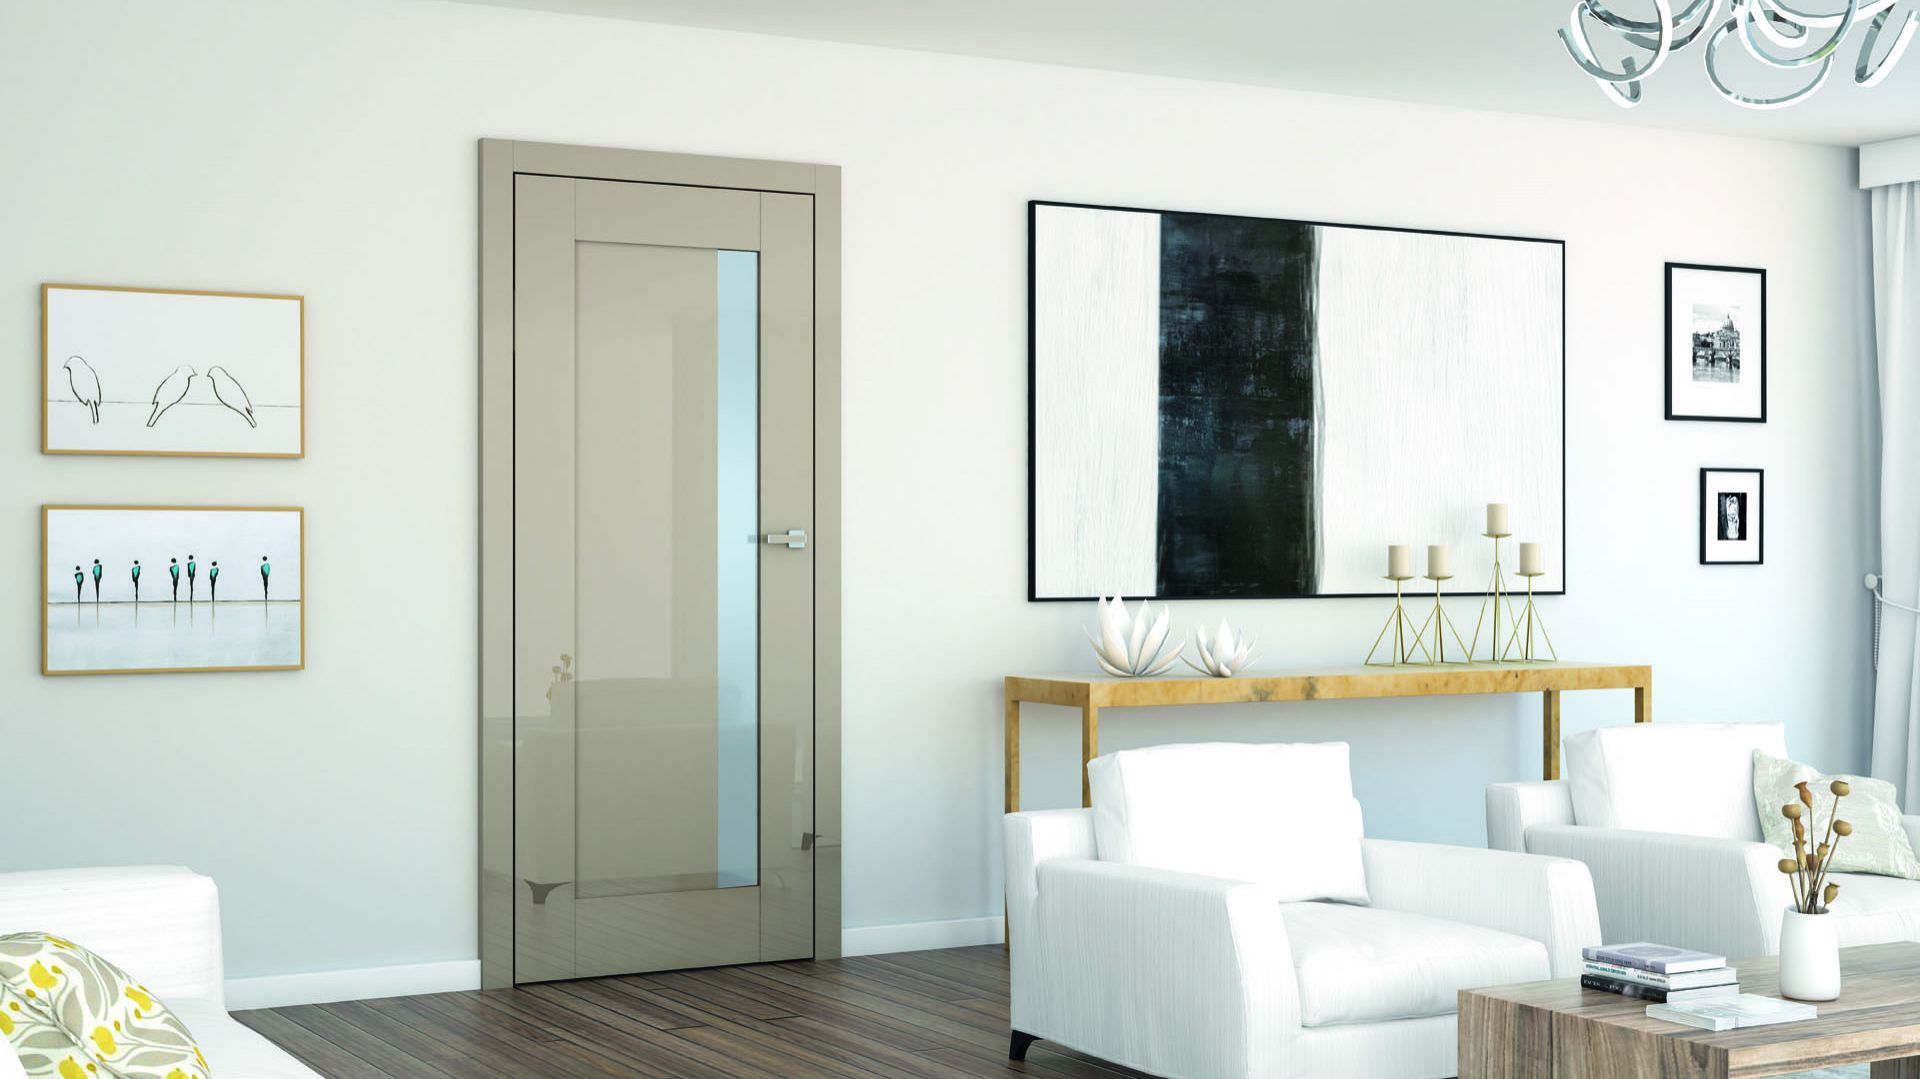 Drzwi DRE Ilis dostępne są w aż 14 kolorach. Dzięki przeszkleniu idealnie sprawdzą się w ciemnych pomieszczeniach np. przedpokoju lub garderobie.